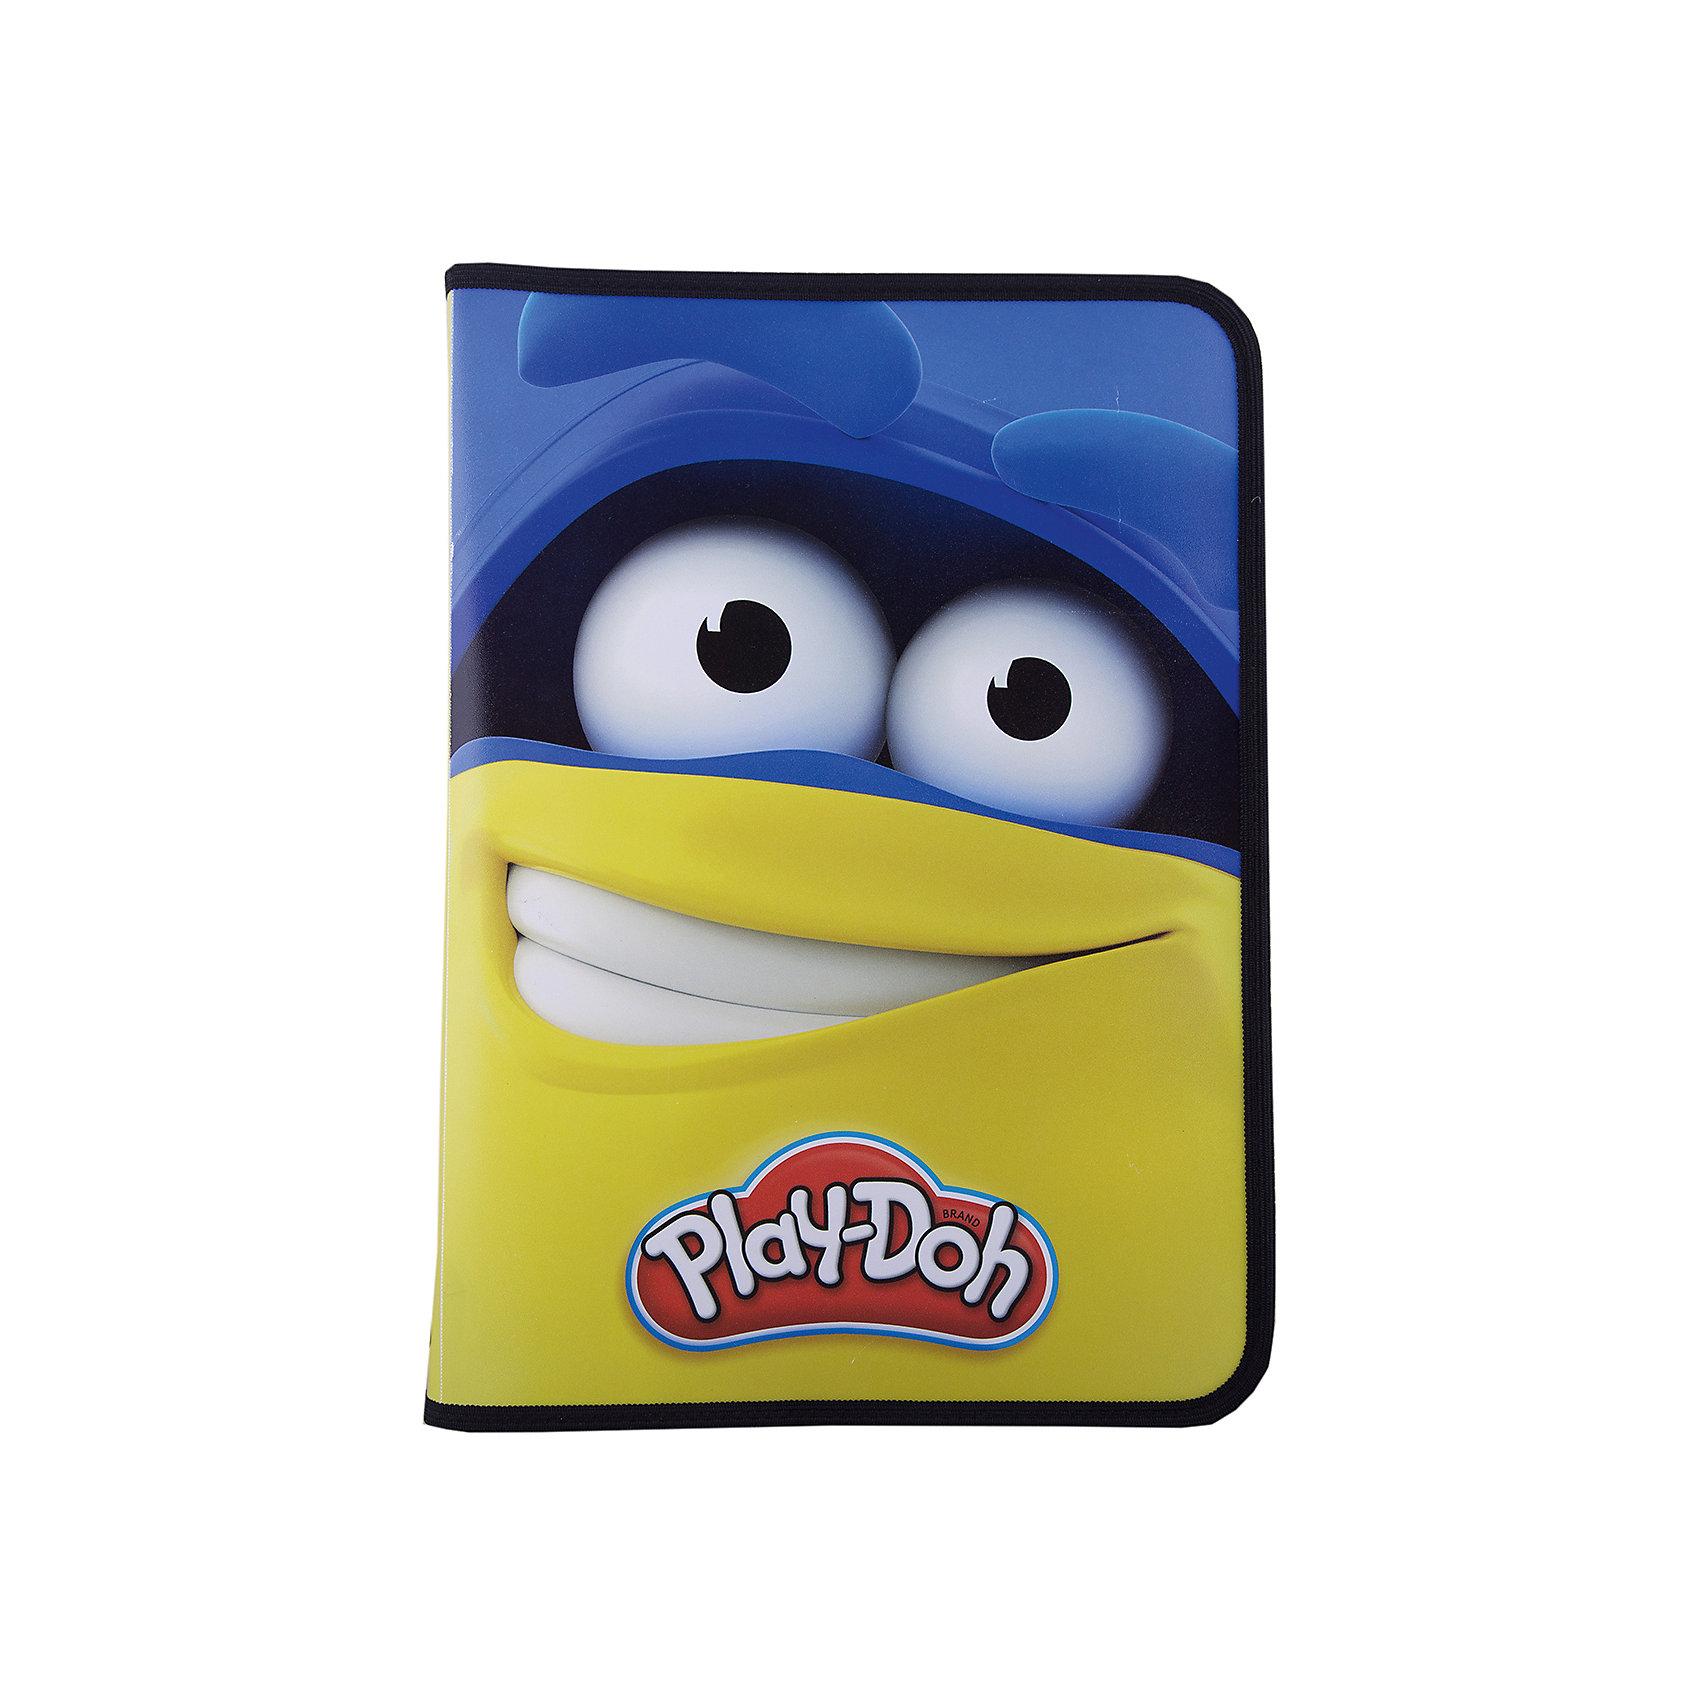 Папка А4 на молнии, Play-DohПапки для труда<br>Папка на молнии, Play-Doh - яркий практичный аксессуар, который порадует маленького школьника и поможет сохранить школьные принадлежности в чистоте и аккуратности. В нарядной папке формата А4 можно хранить тетрадки, рисунки, чертежи. Папка выполнена в яркой расцветке<br>и украшена забавным рисунком. Внутри одно отделение, застежка на молнии с 3-х сторон.<br><br><br>Дополнительная информация:<br><br>- Материал: полипропилен.<br>- Формат: А4.<br>- Толщина пластика: 0,5 мм. <br>- Размер: 33 х 3 х 23,5 см.  <br>- Вес: 96 гр.<br><br>Папку на молнии, Play-Doh, можно купить в нашем интернет-магазине.<br><br>Ширина мм: 330<br>Глубина мм: 30<br>Высота мм: 235<br>Вес г: 96<br>Возраст от месяцев: 36<br>Возраст до месяцев: 72<br>Пол: Унисекс<br>Возраст: Детский<br>SKU: 4681088